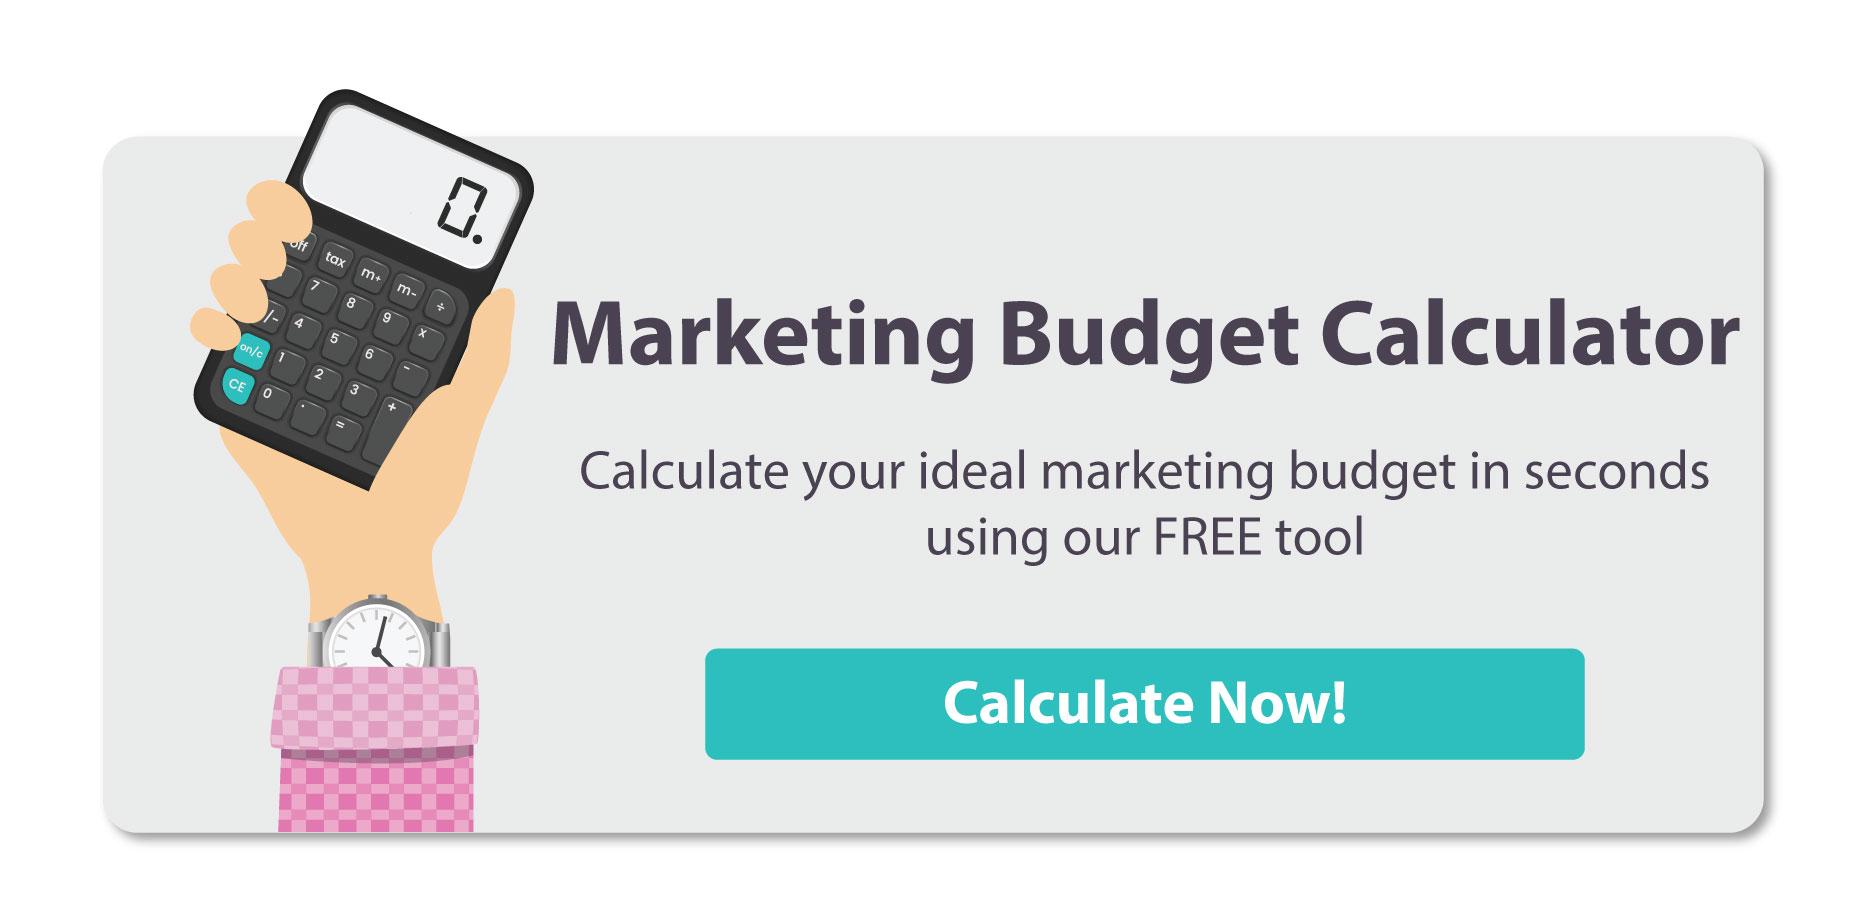 Mkt Budget Calculator CTA